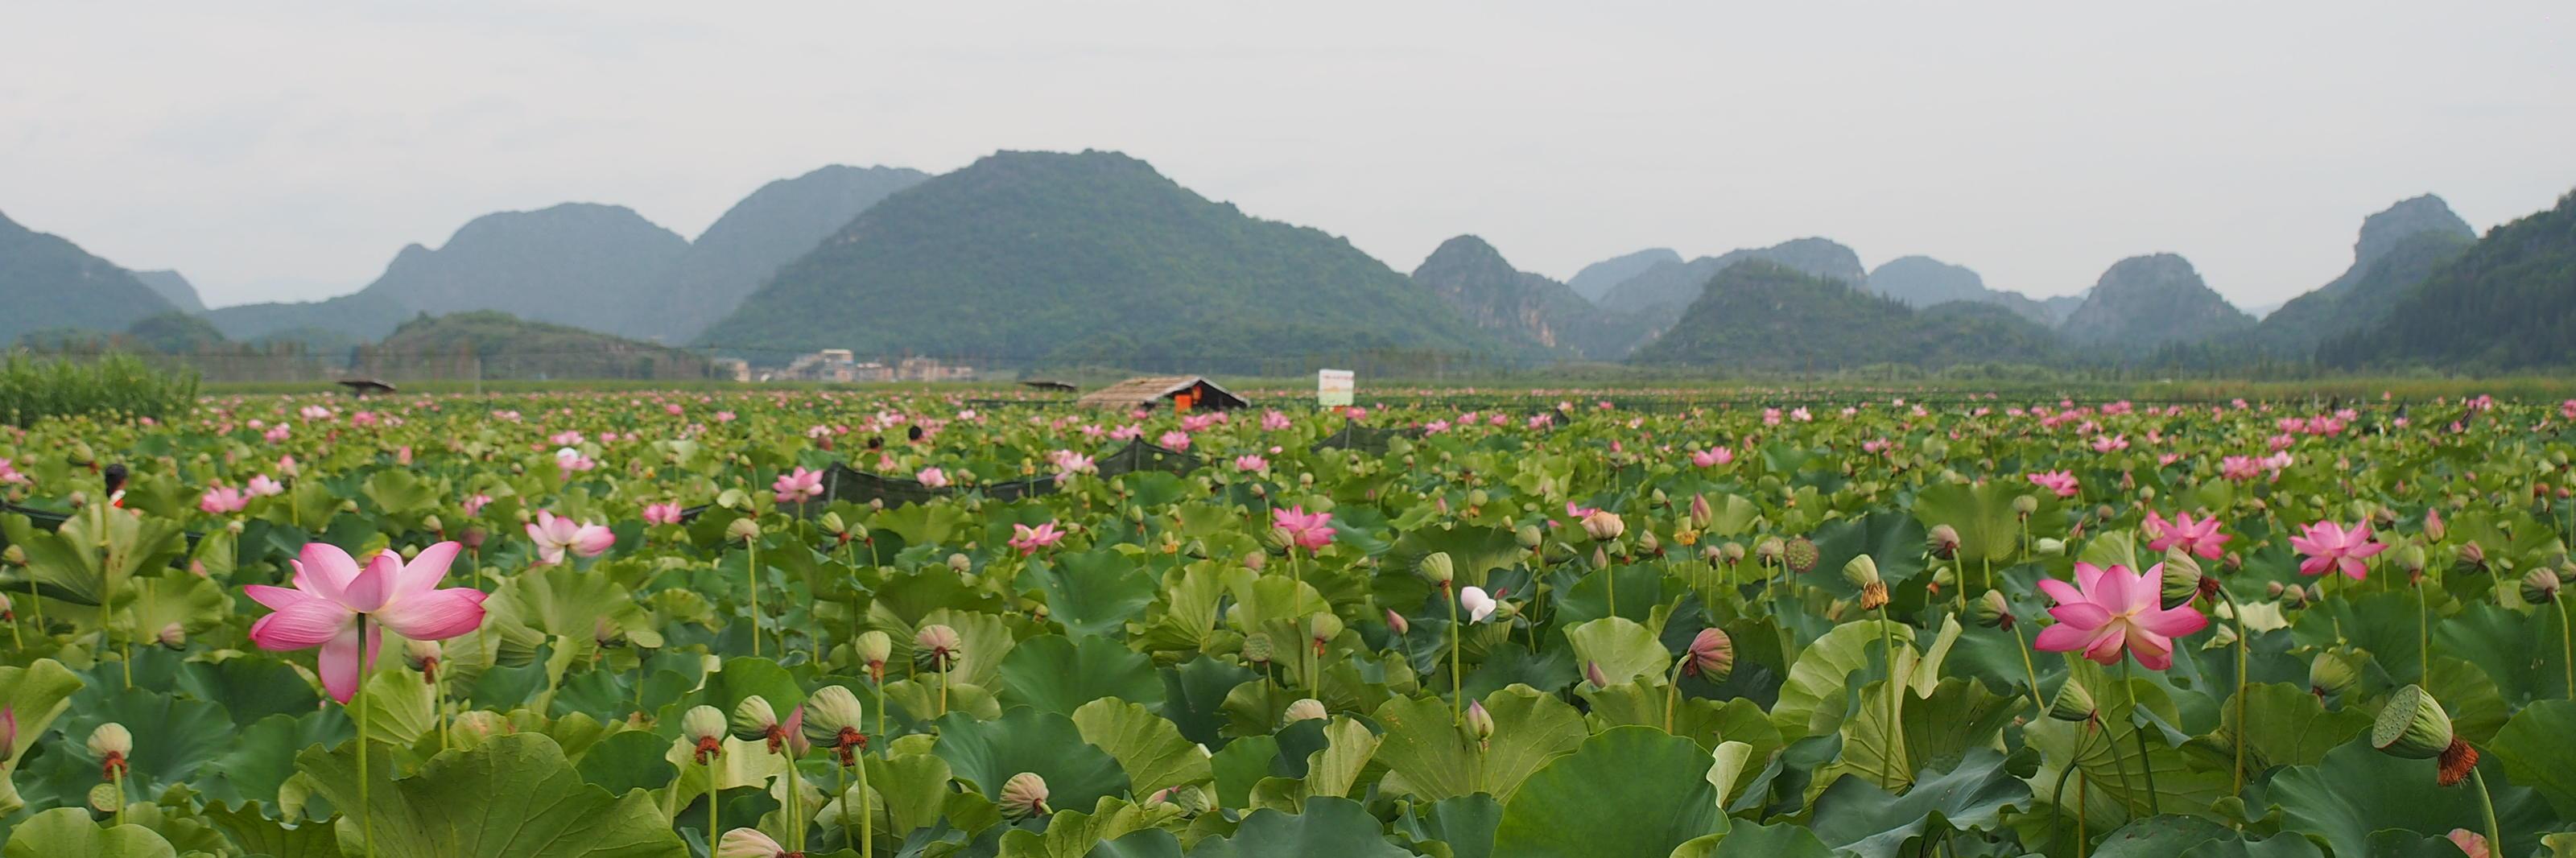 云南這個盛滿魚蝦的湖泊,荷花遍地開,最全的兩日游攻略看過來